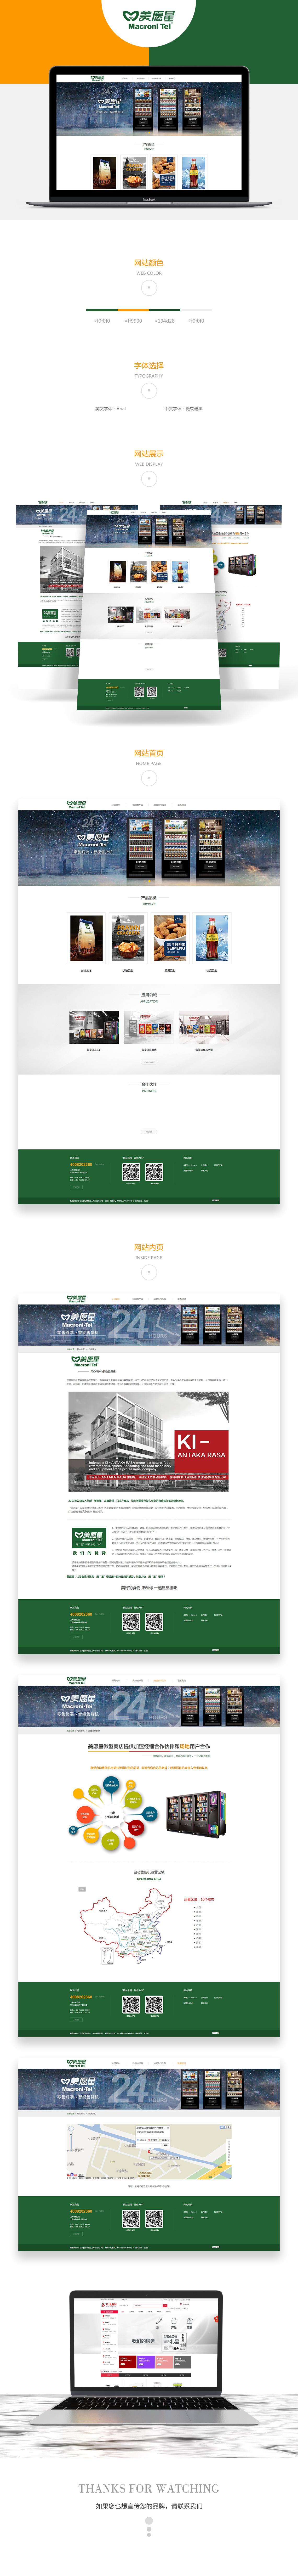 公司案例展示201805-8正日食品科技(上海)有限公司